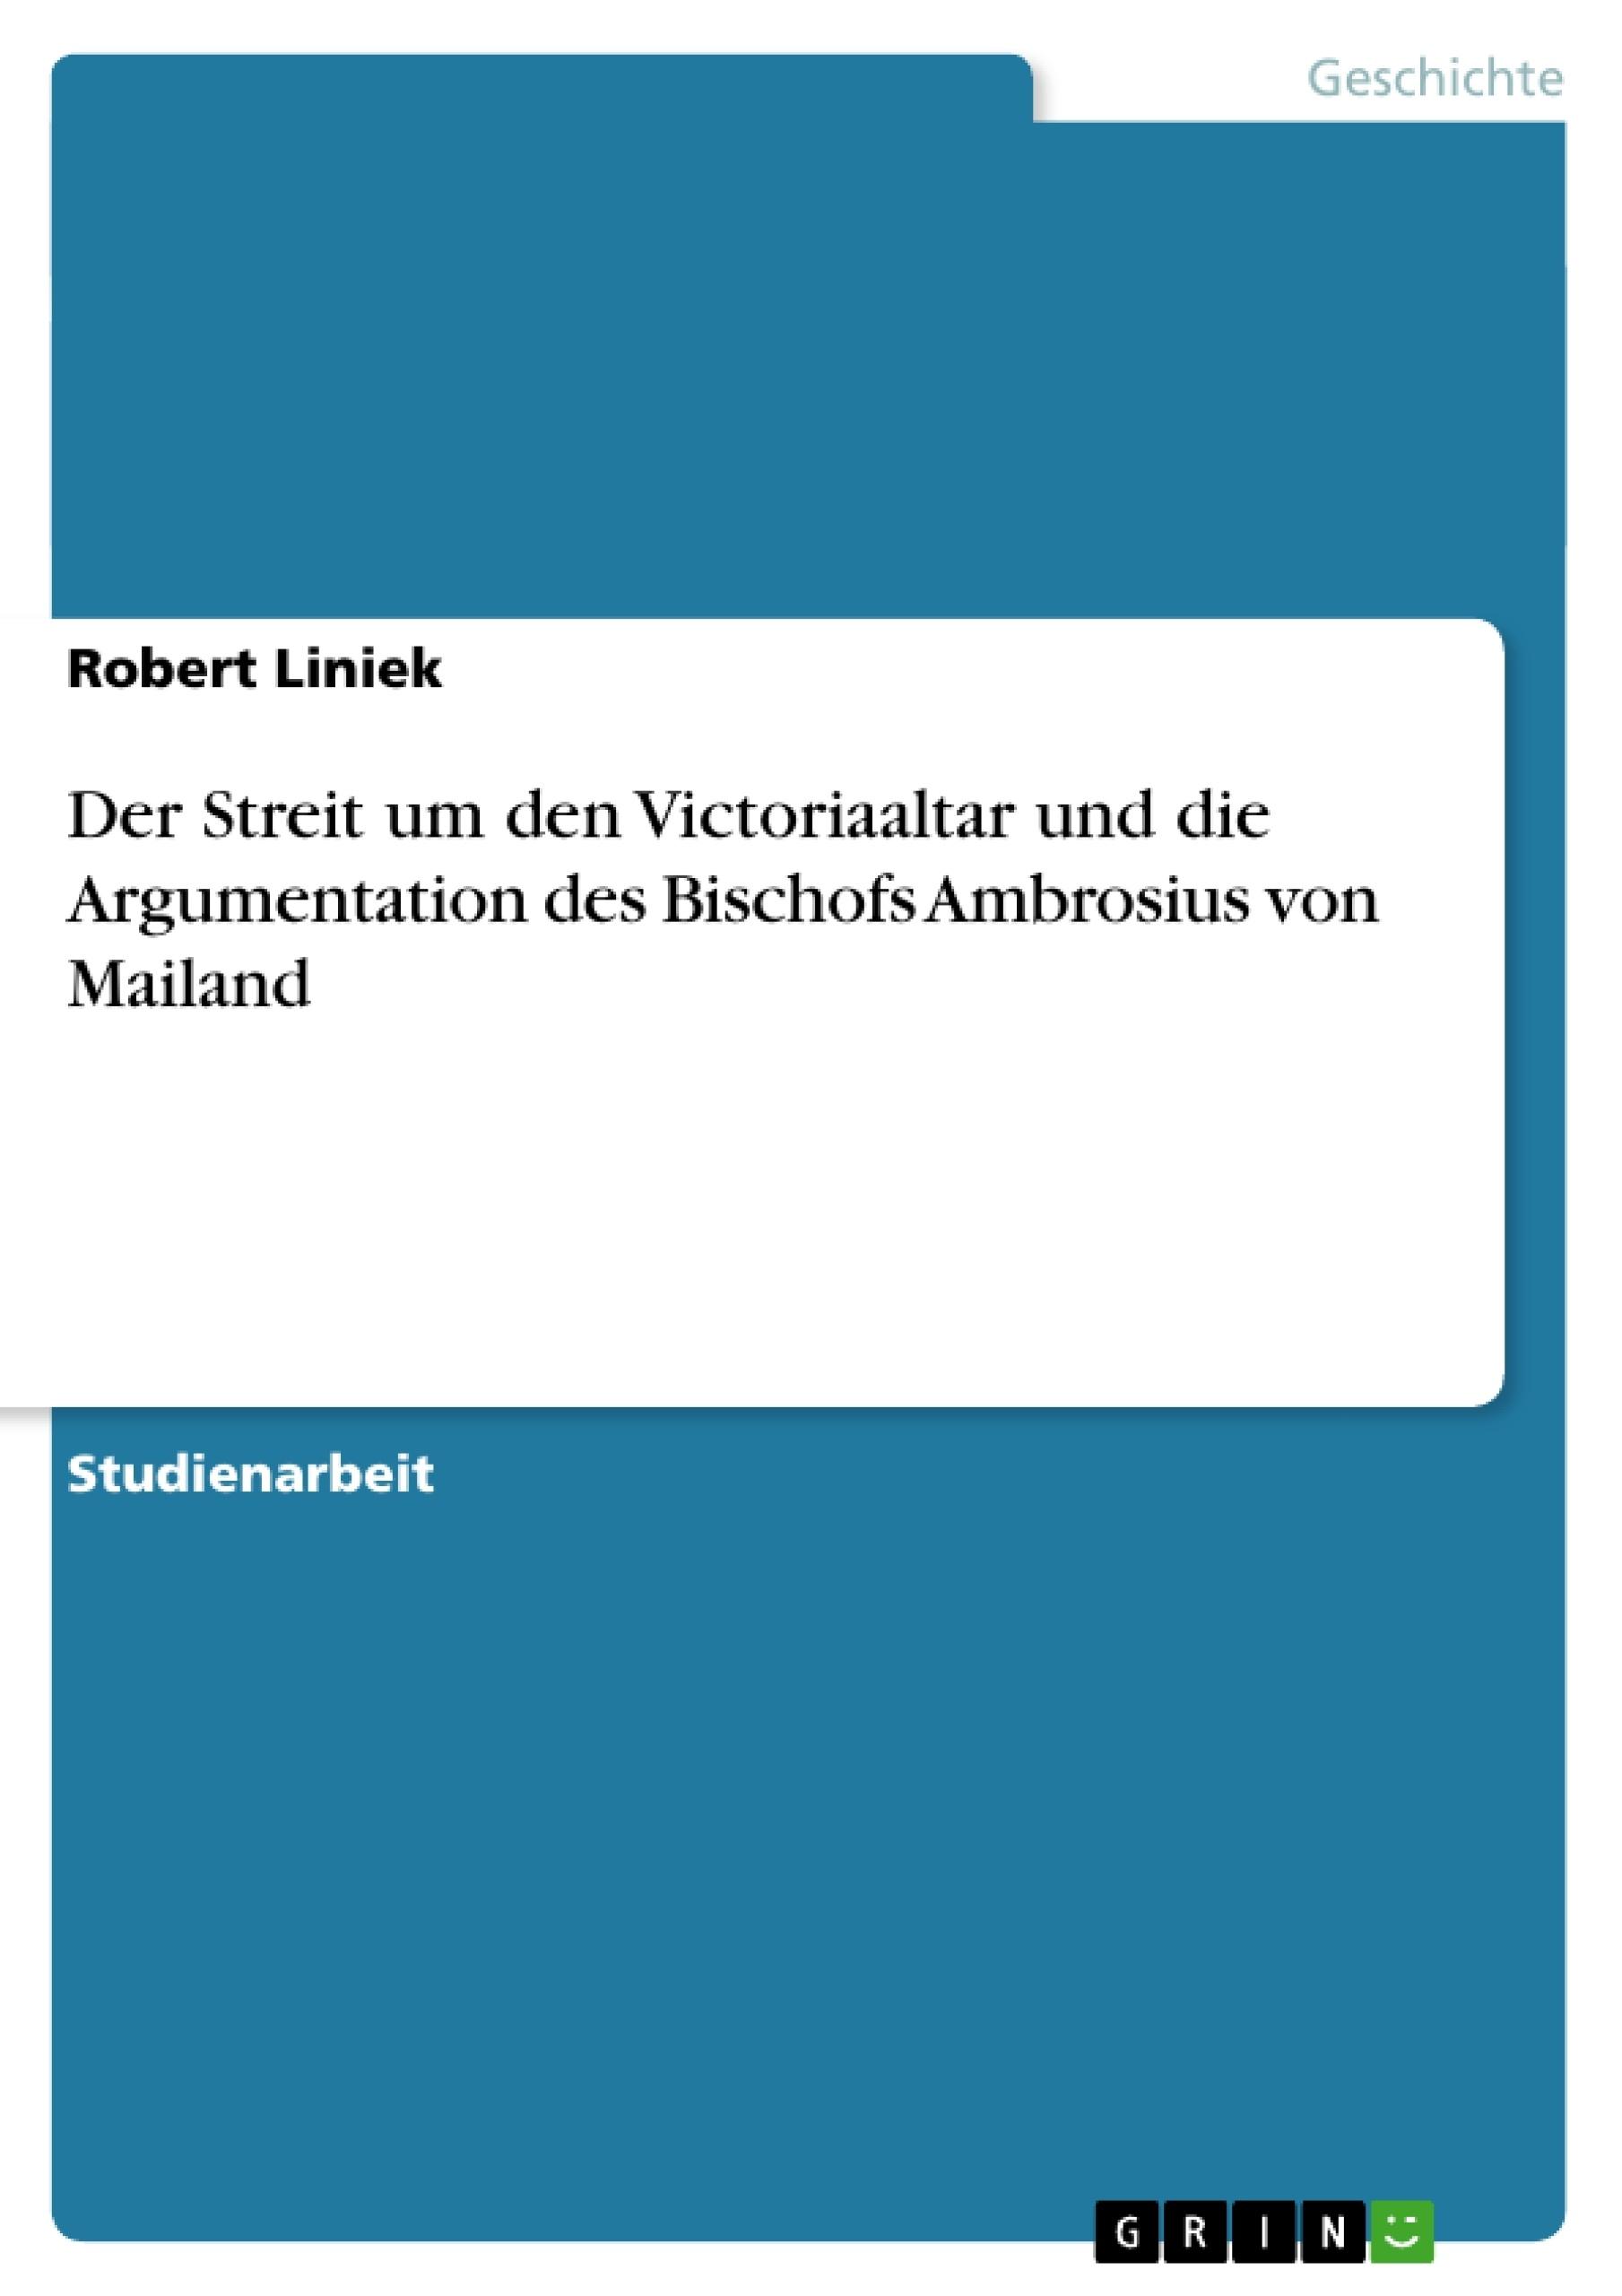 Titel: Der Streit um den Victoriaaltar und die Argumentation des Bischofs Ambrosius von Mailand